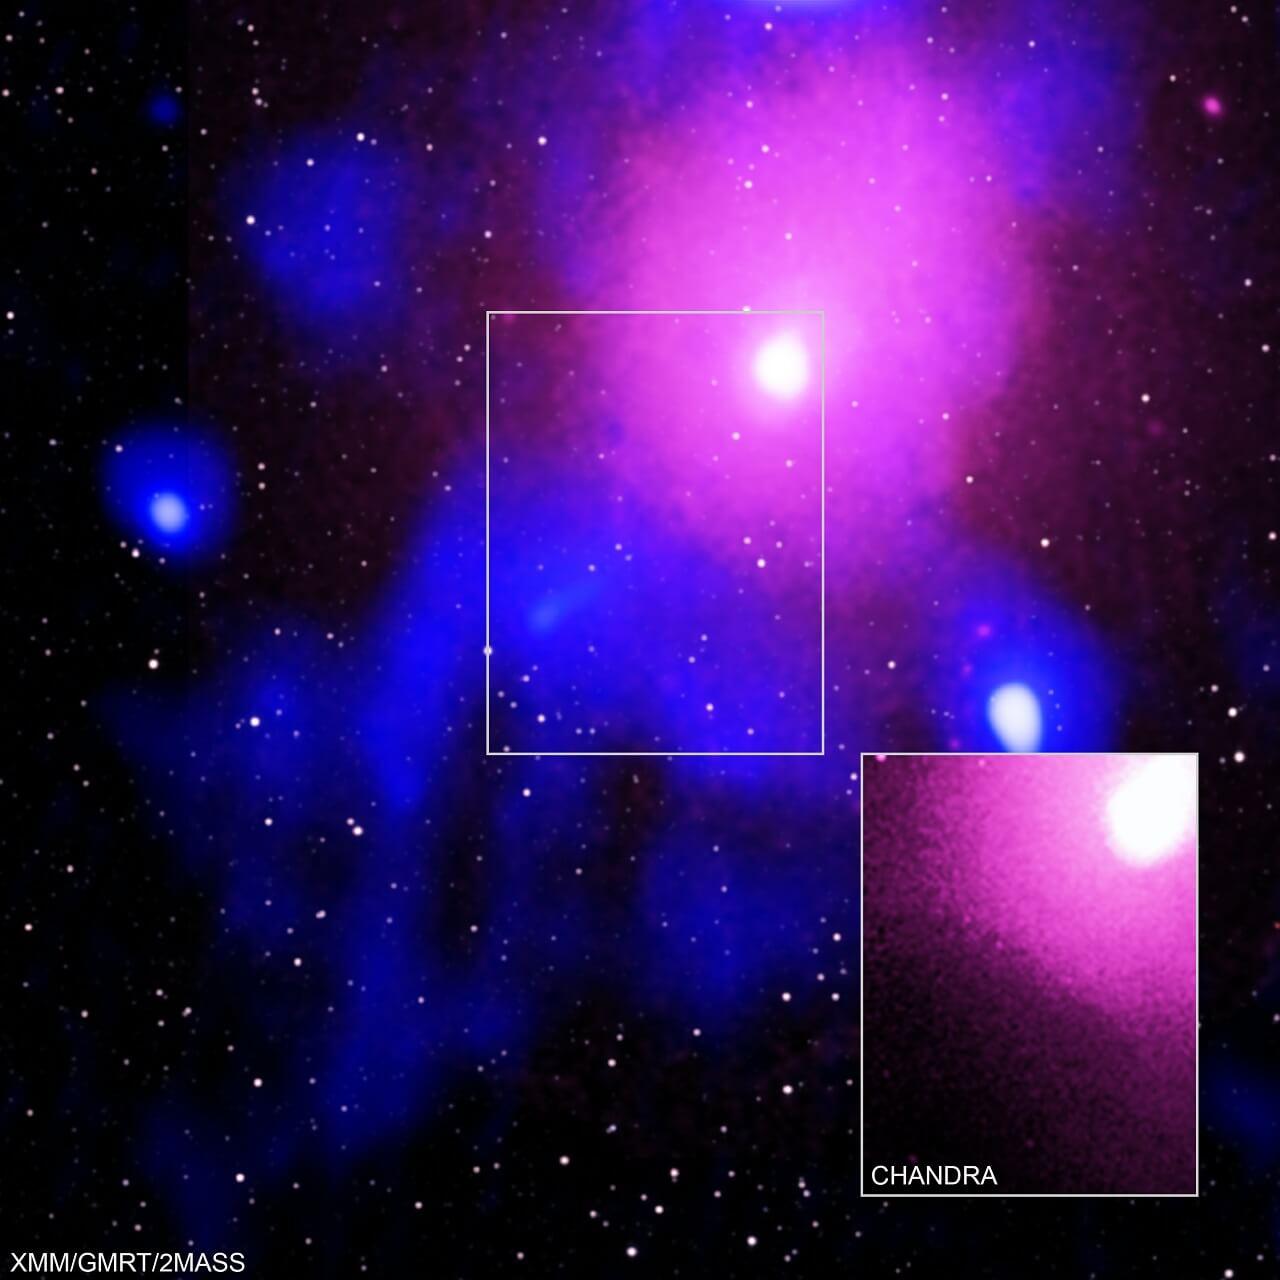 დაფიქსირებულია სამყაროს ისტორიაში უდიდესი კოსმოსური აფეთქება